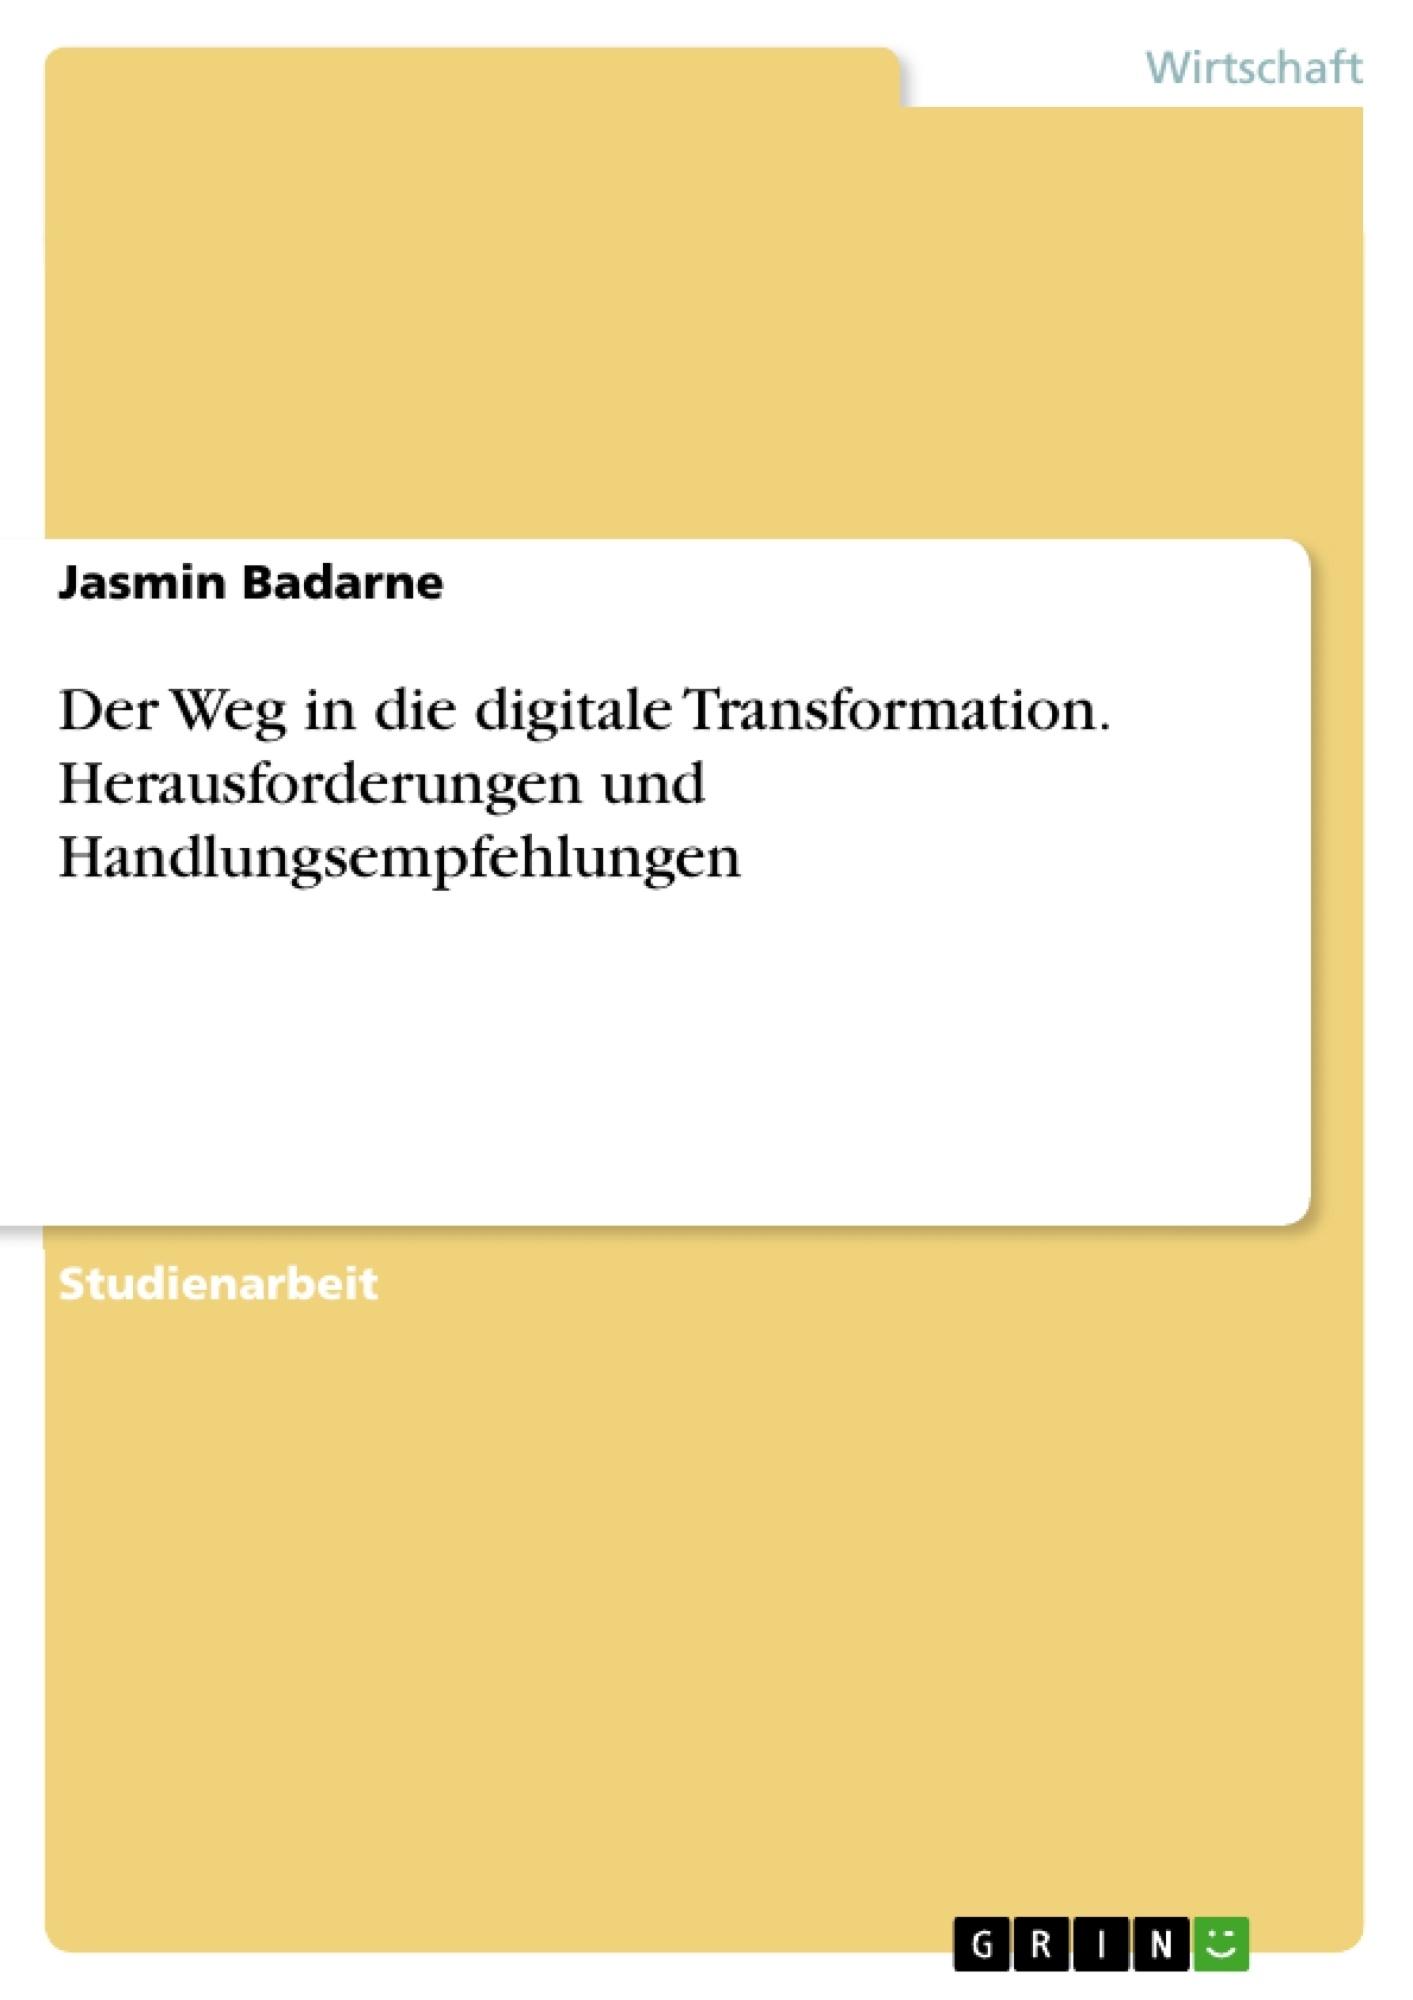 Titel: Der Weg in die digitale Transformation. Herausforderungen und Handlungsempfehlungen